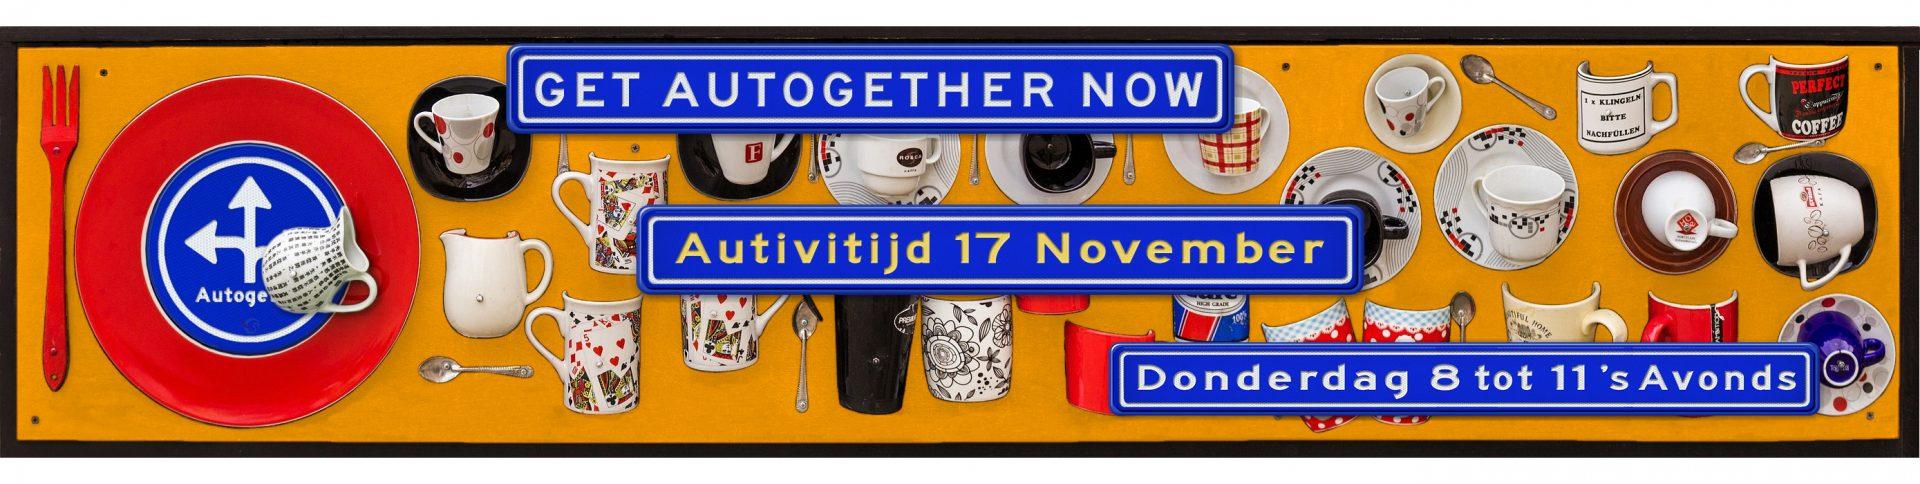 Donderdag 17 November van 20:00 tot 23:00 is het weer Autogether in de Tapijn